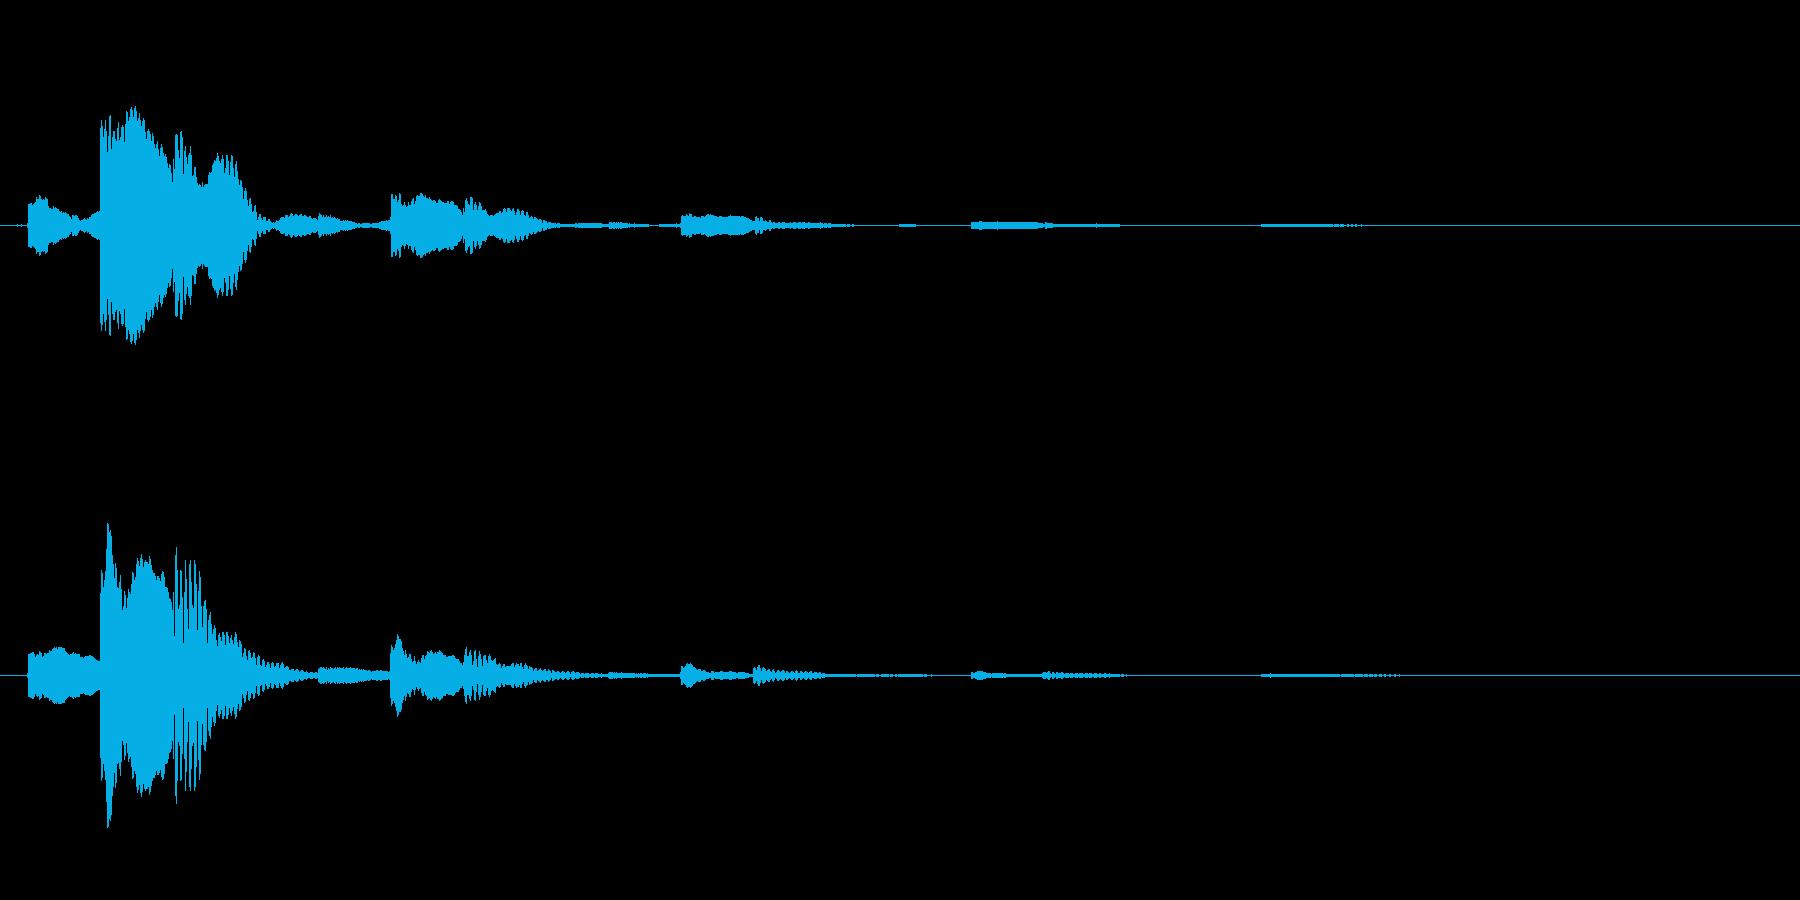 チャララッ↑(回復音、アイテム使用時)の再生済みの波形